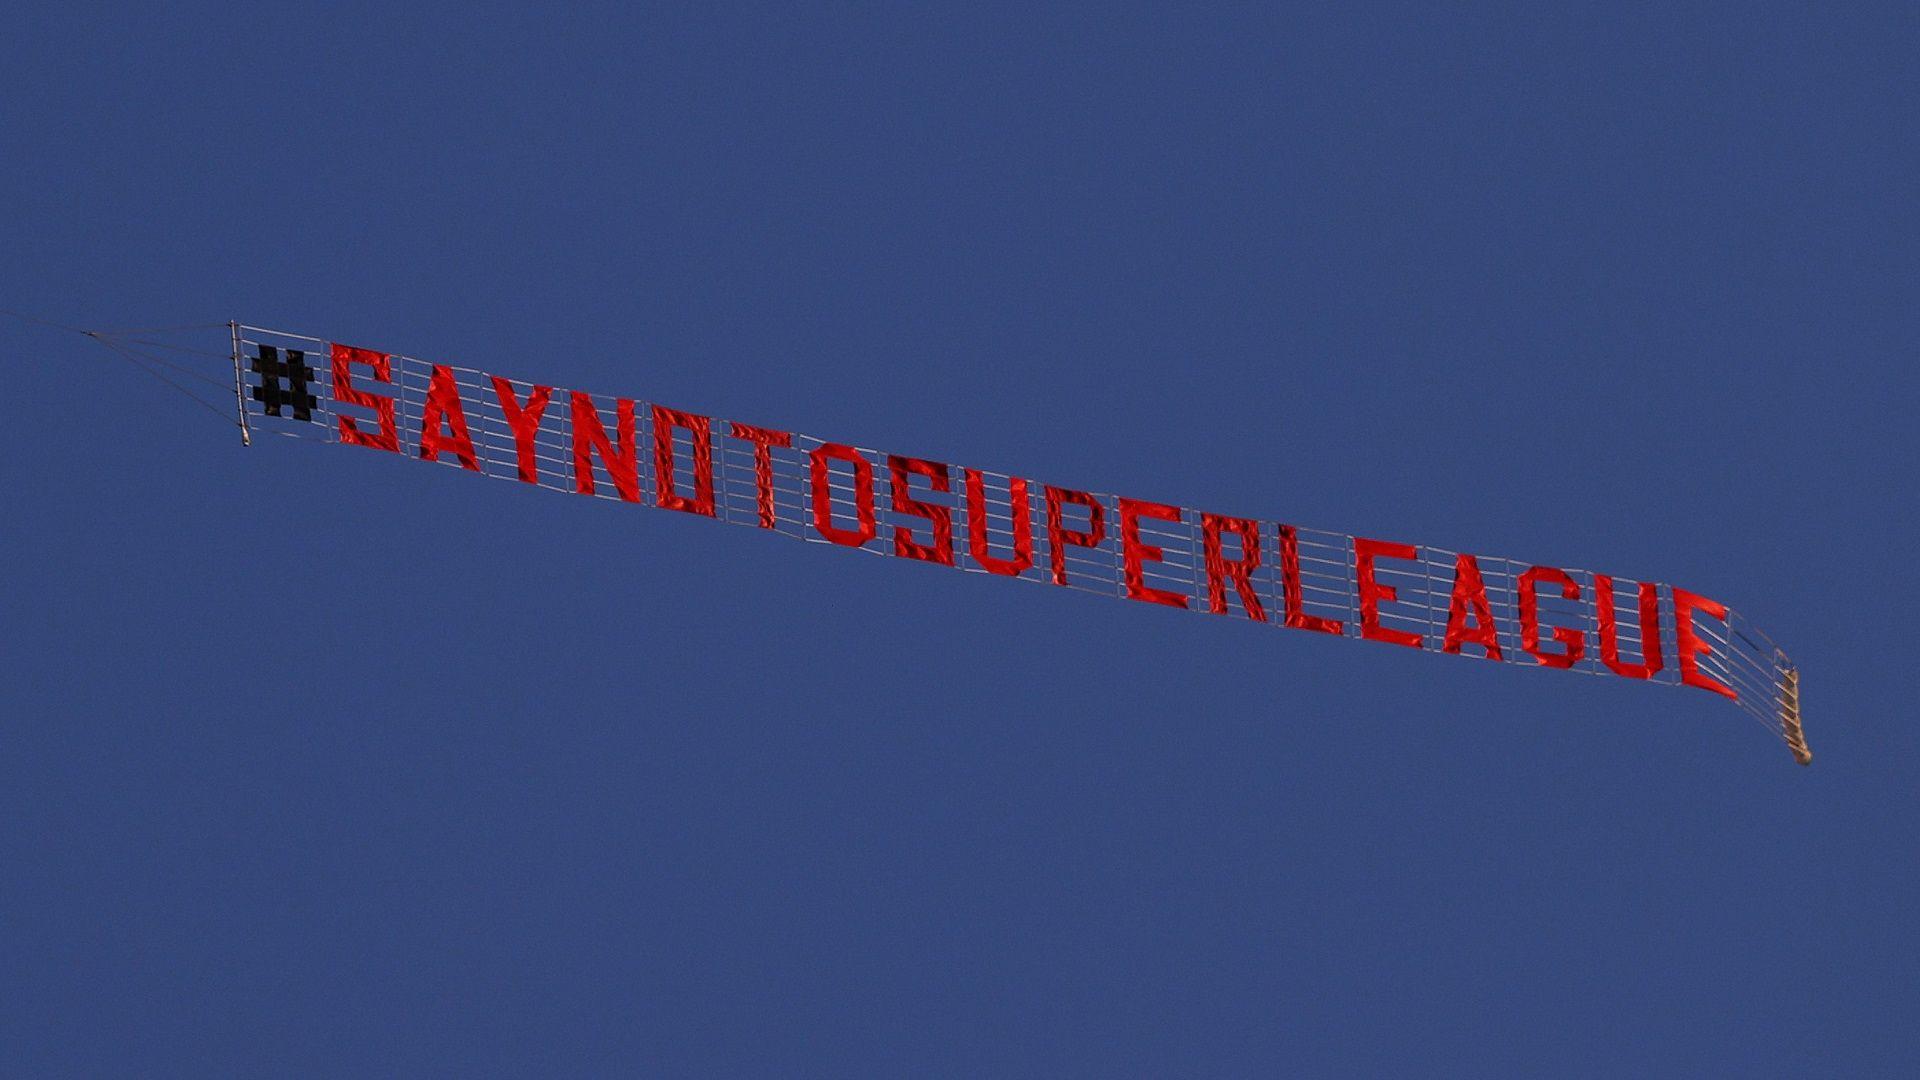 Отговорът на Суперлигата: Има външен натиск, ще преосмислим проекта